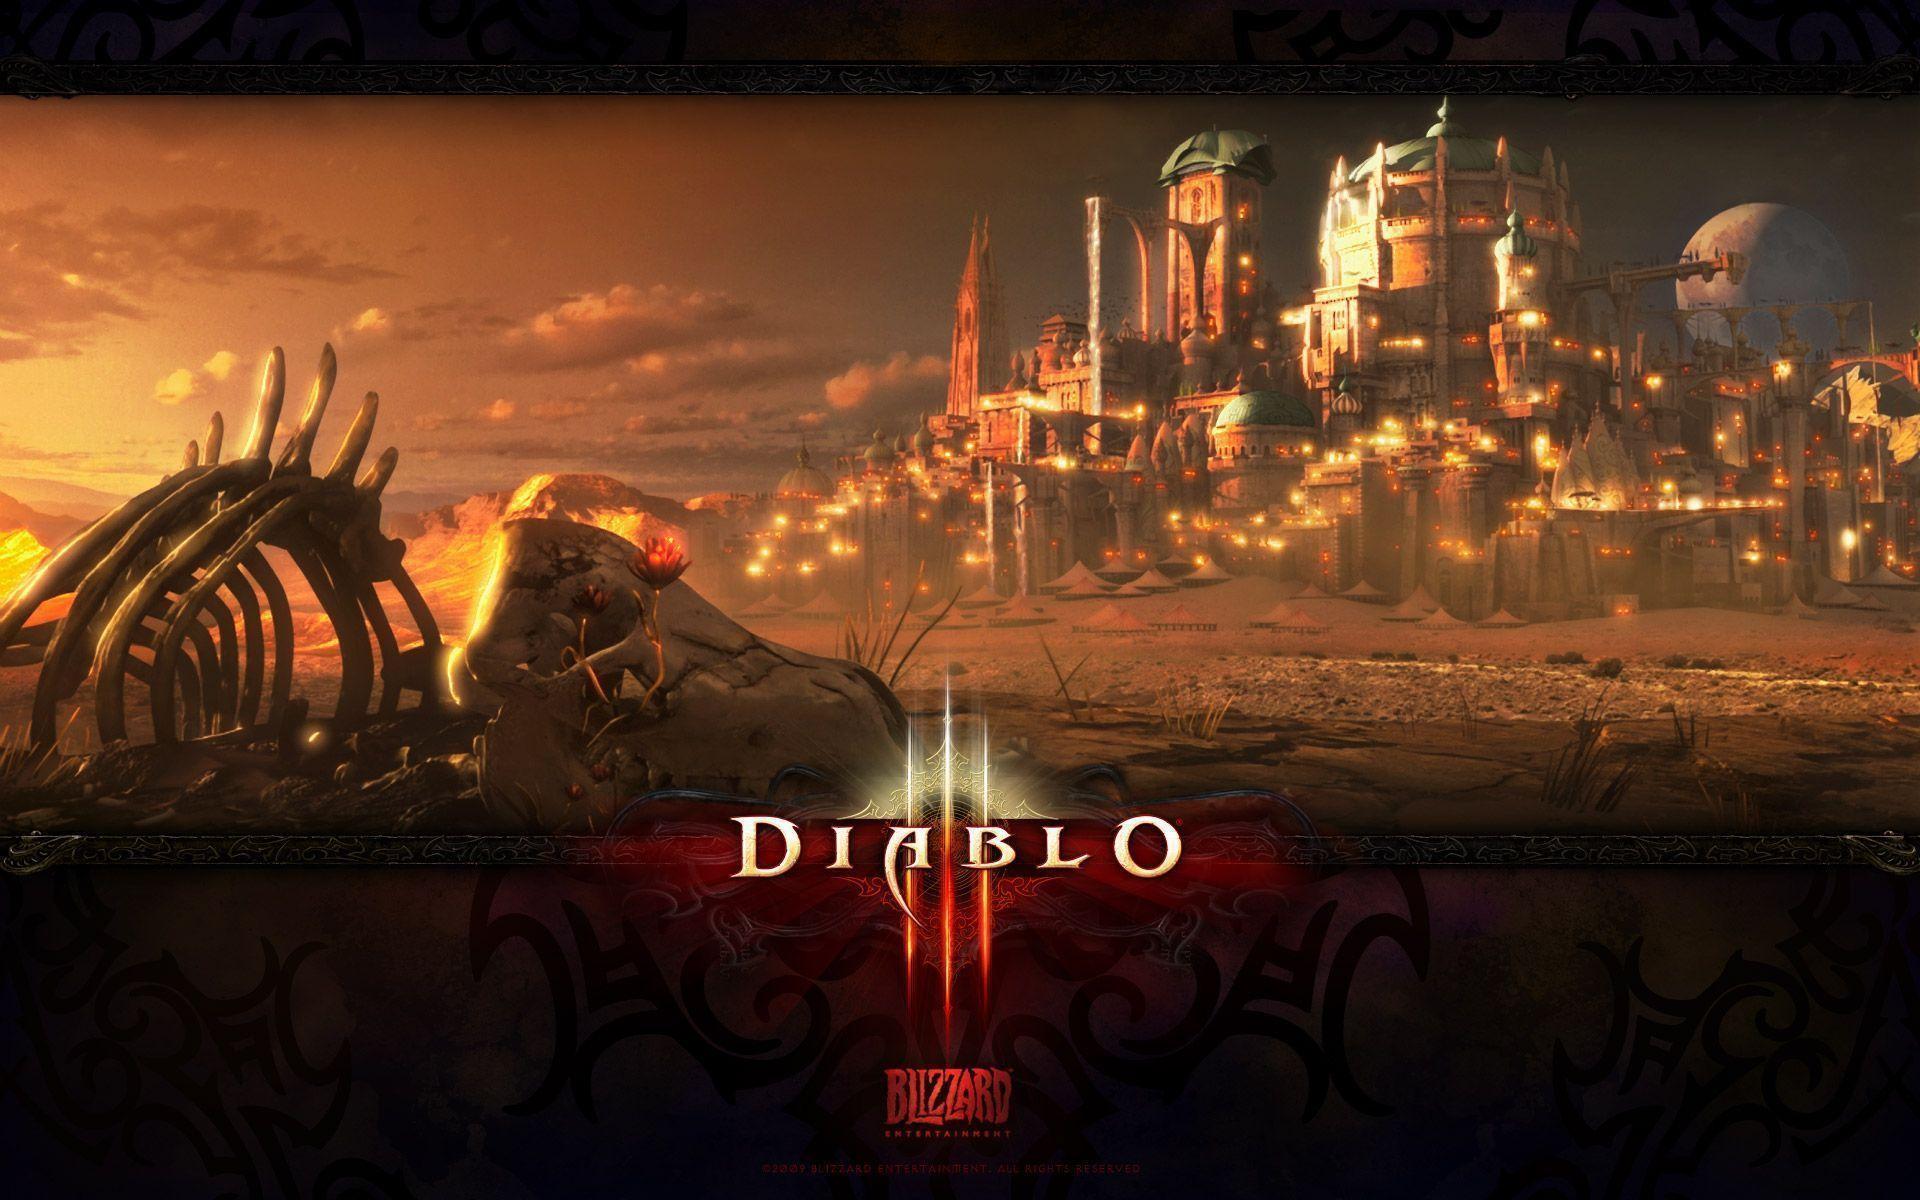 Diablo 3 Wallpapers (HD) | Mastimasaala.